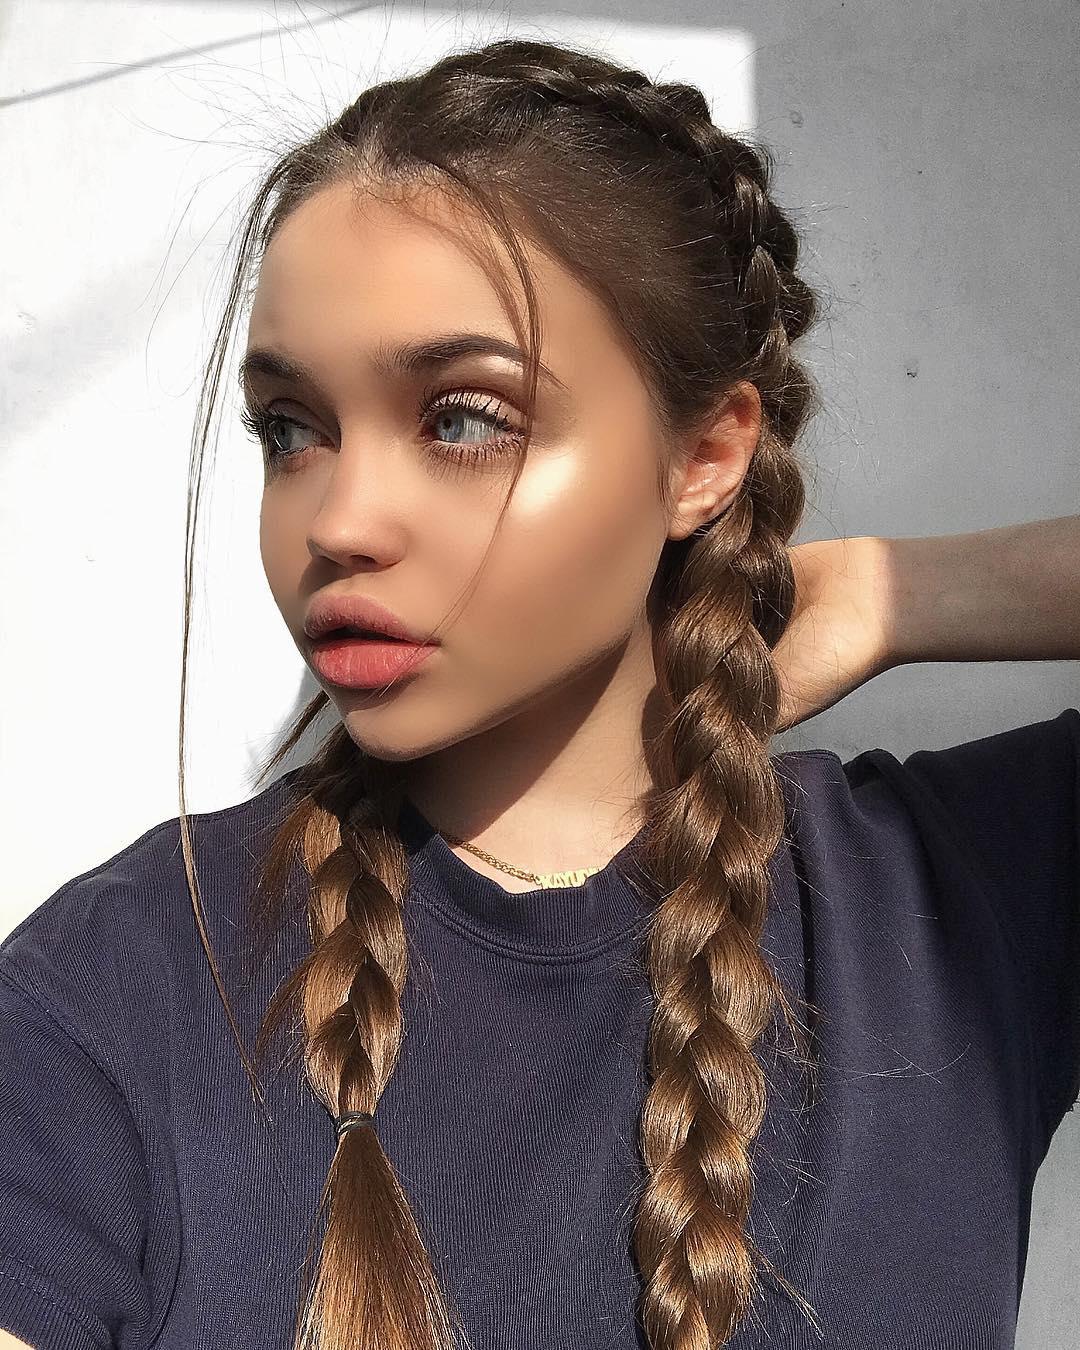 Eliza-Kayudina-Wallpapers-Insta-Fit-Bio-14